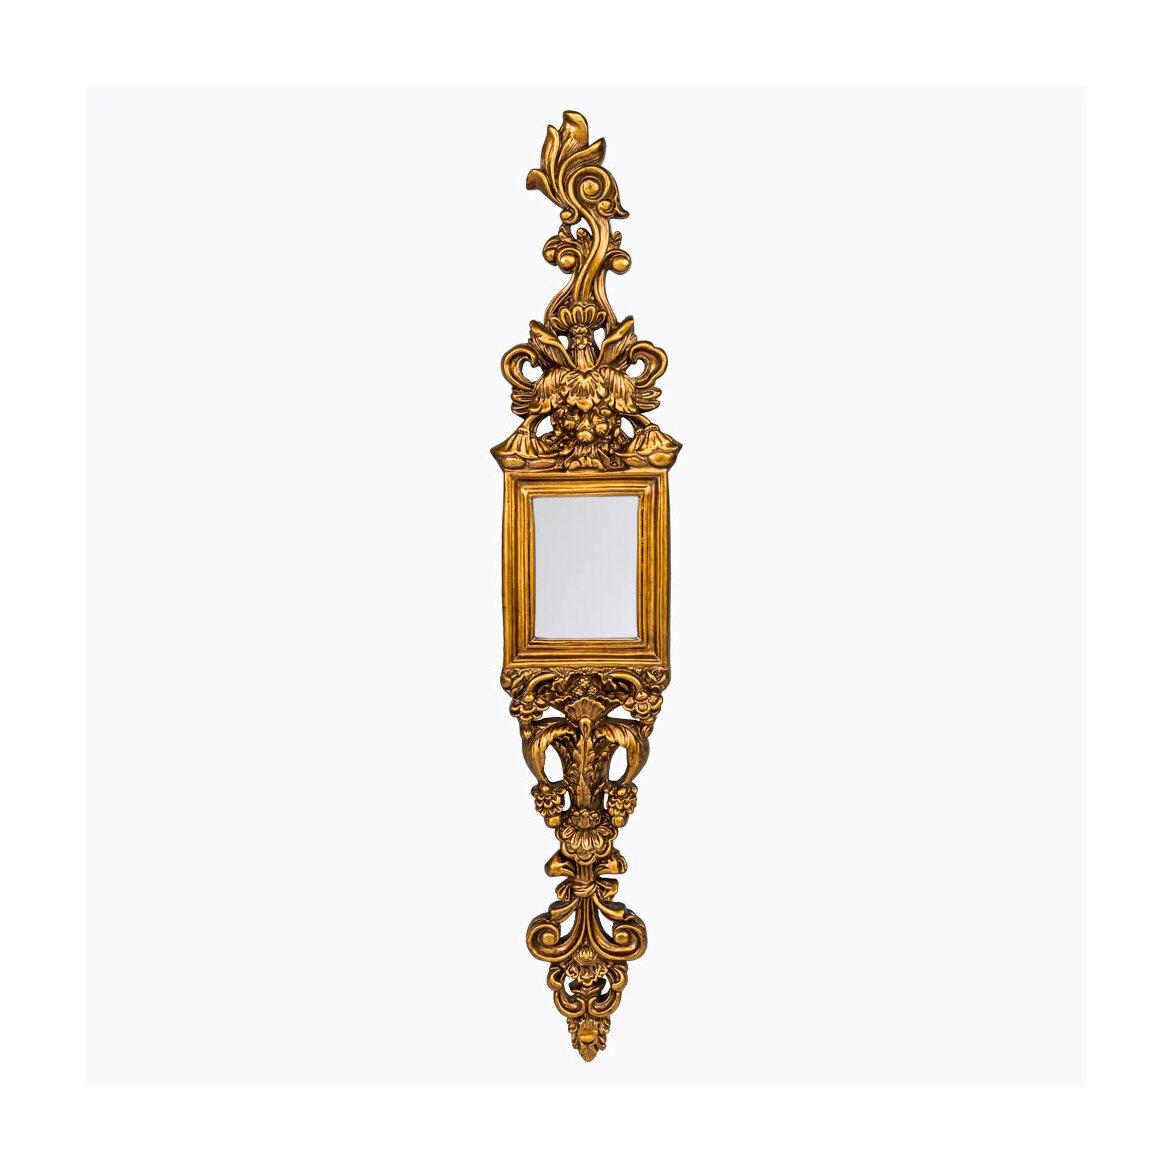 Настенное зеркало «Эйфель» | Настенные зеркала Kingsby